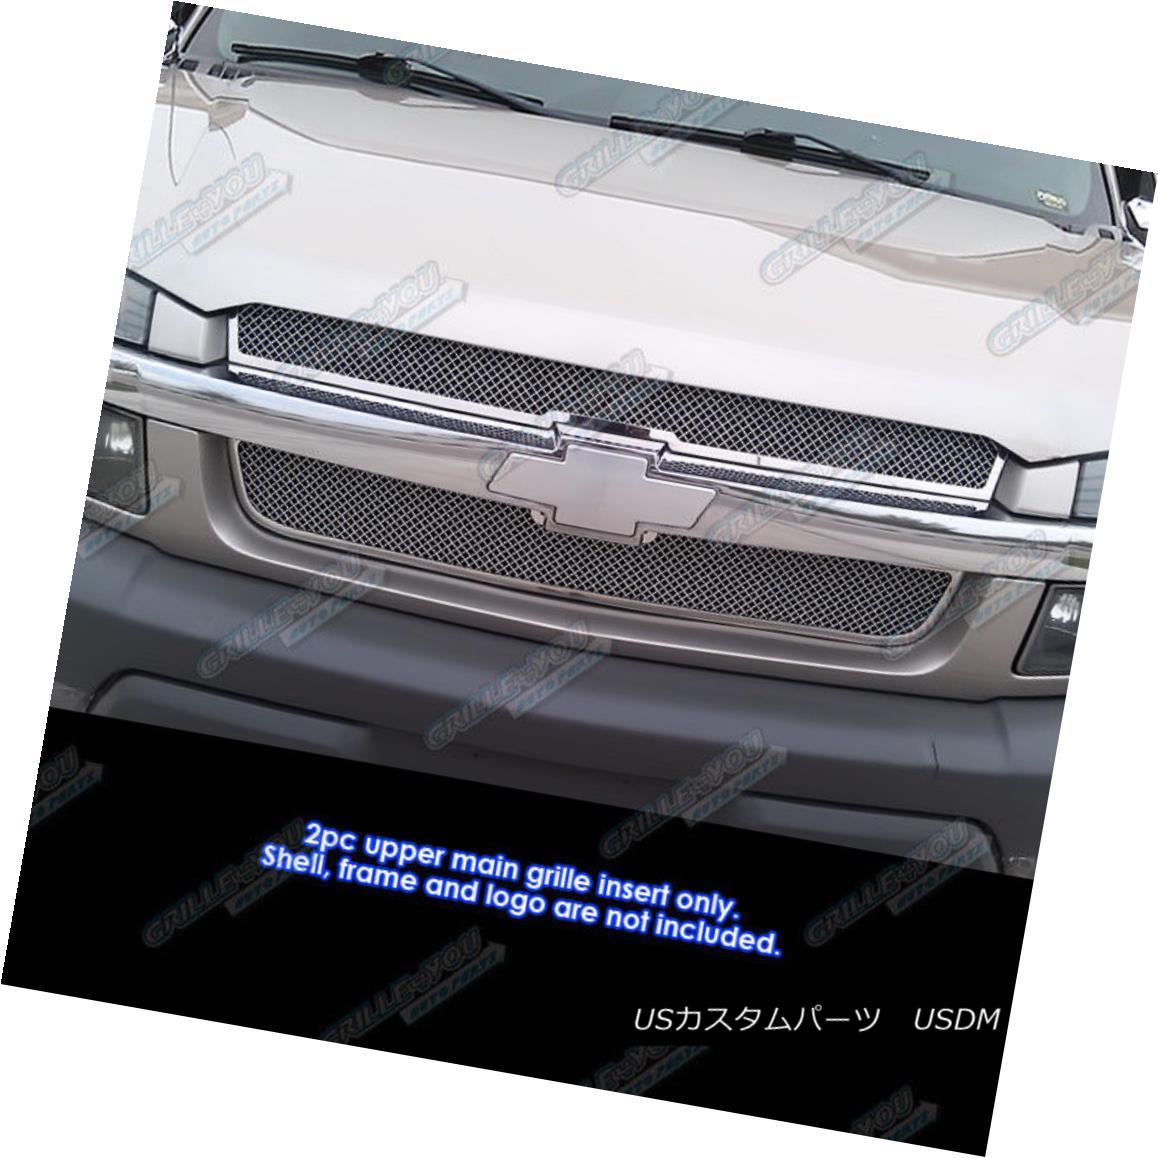 グリル Fits 2001-2006 Chevy Avalanche Stainless Mesh Grille Insert 2001-2006 Chevy Avalancheステンレスメッシュグリルインサートに適合